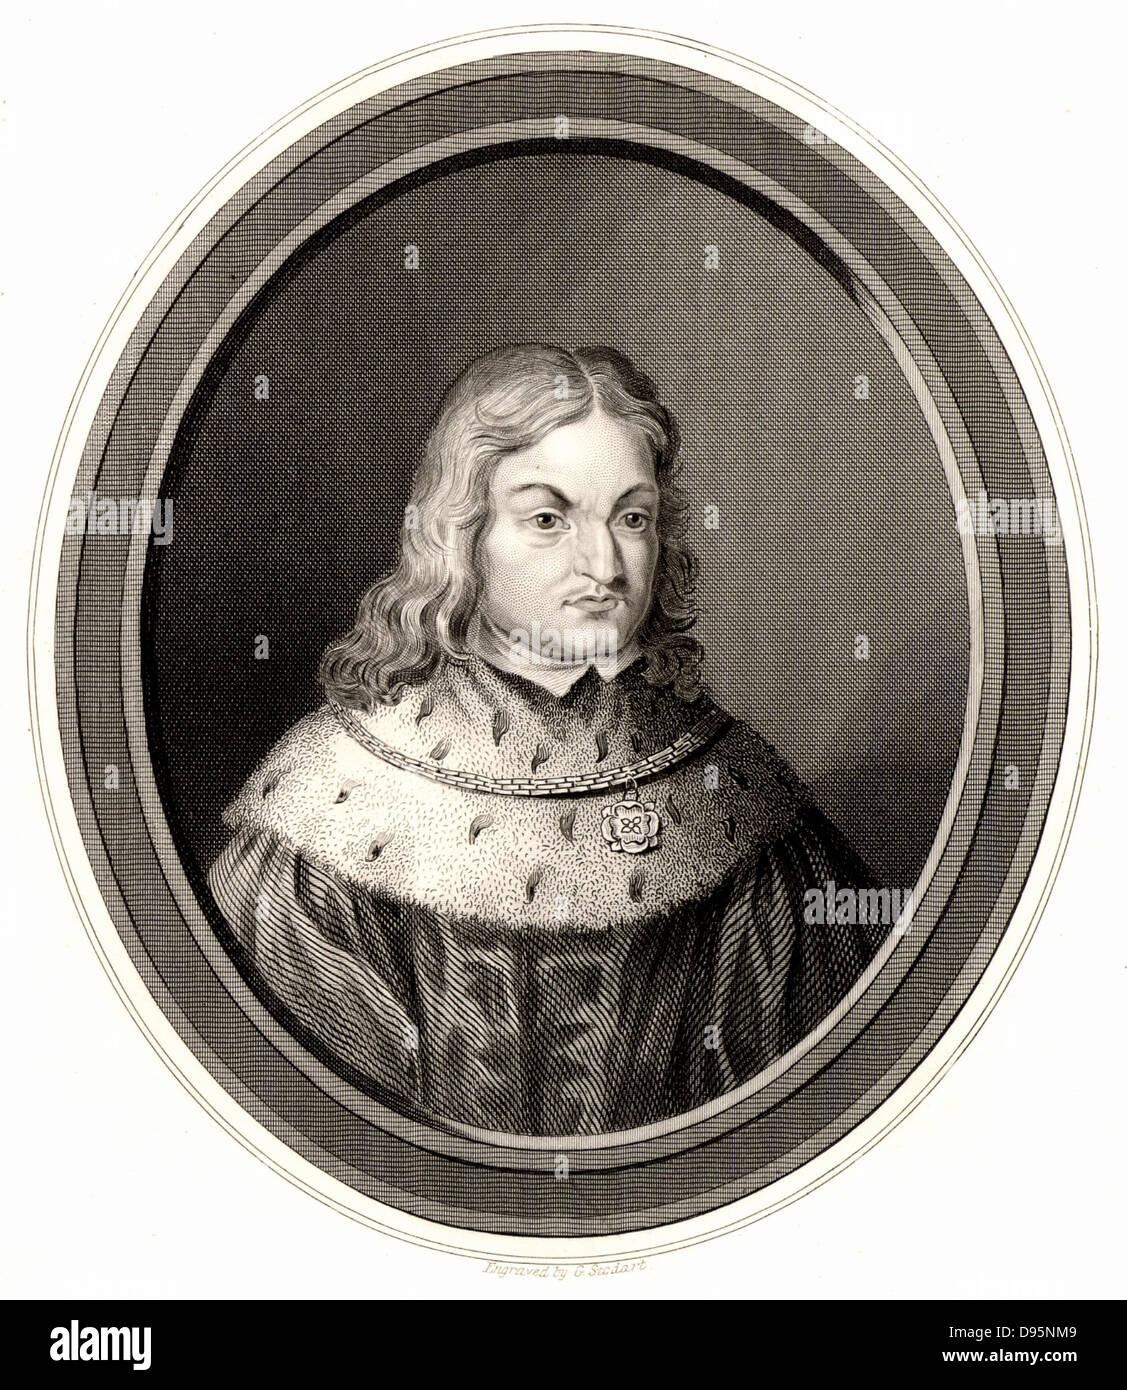 Friedrich III. von Sachsen, der Weise (c1463-1525) Patron von Martin Luther und Anhänger der Reformation. Gravur Stockbild